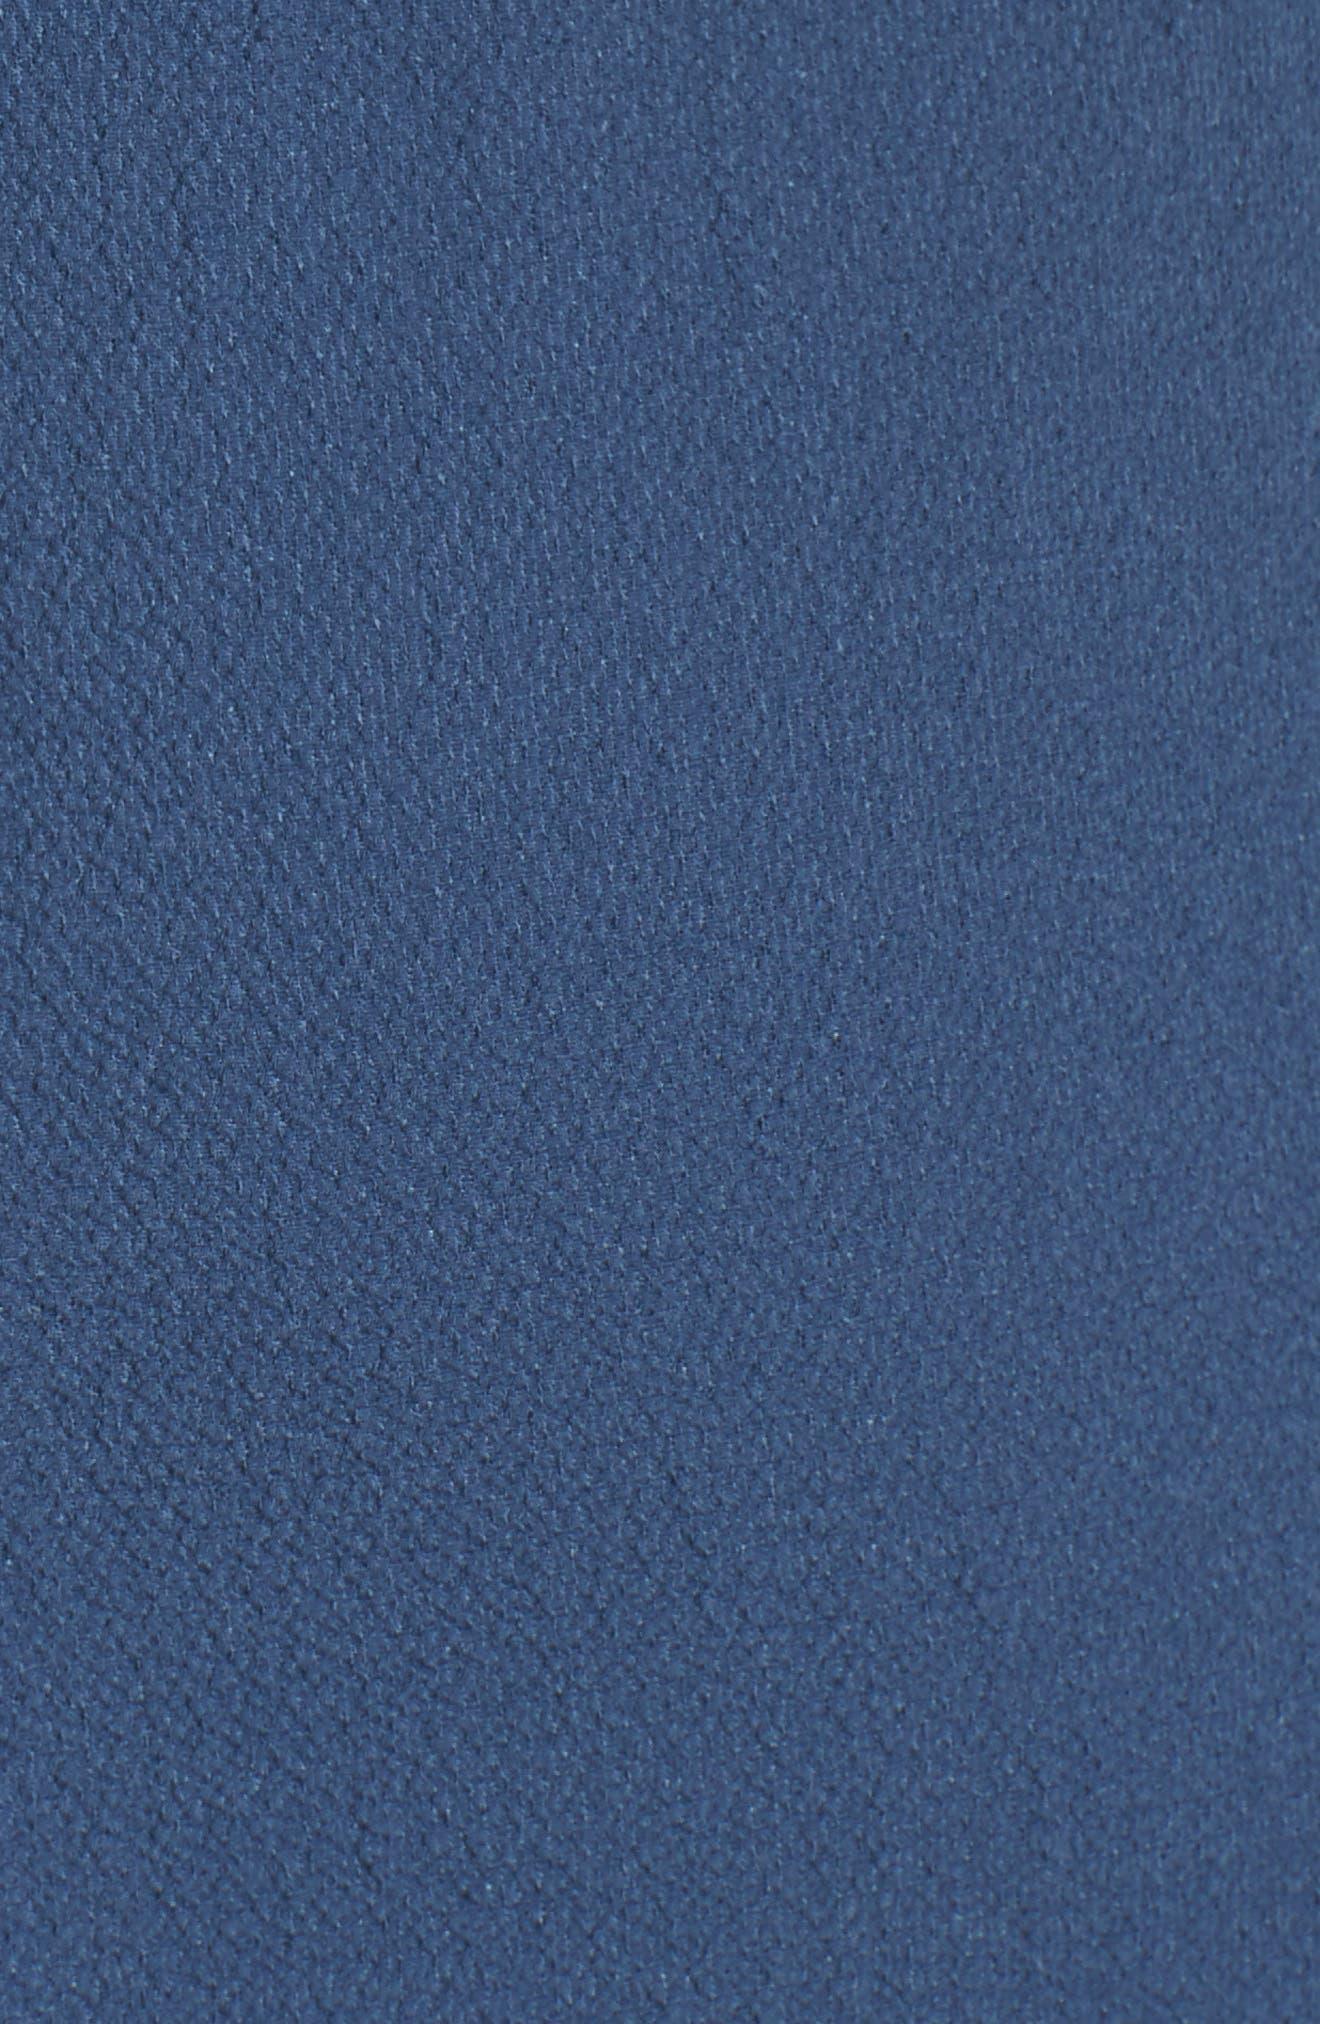 Wrap Midi Dress,                             Alternate thumbnail 5, color,                             400